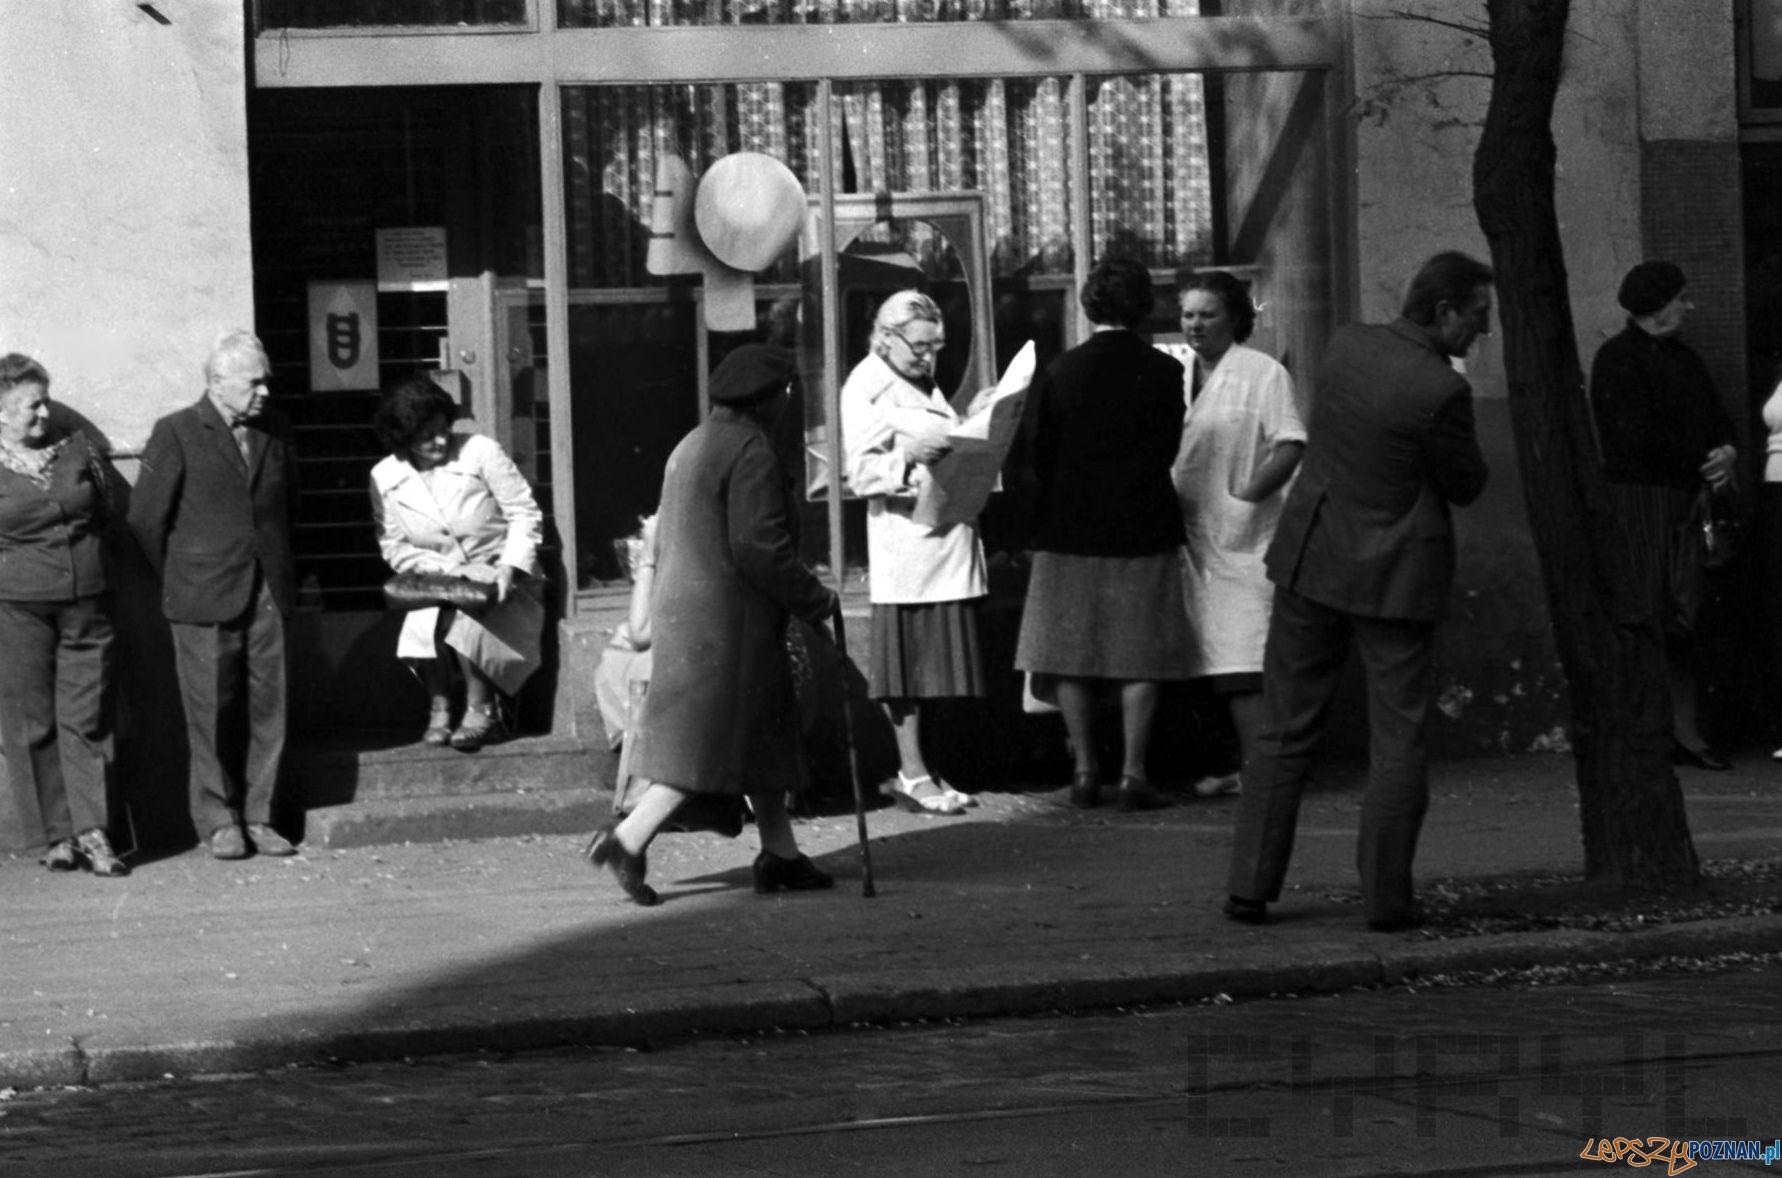 Kolejka do mięsnego na Kraszewskiego - 1981  Foto: Stanisław Wiktor / Cyryl